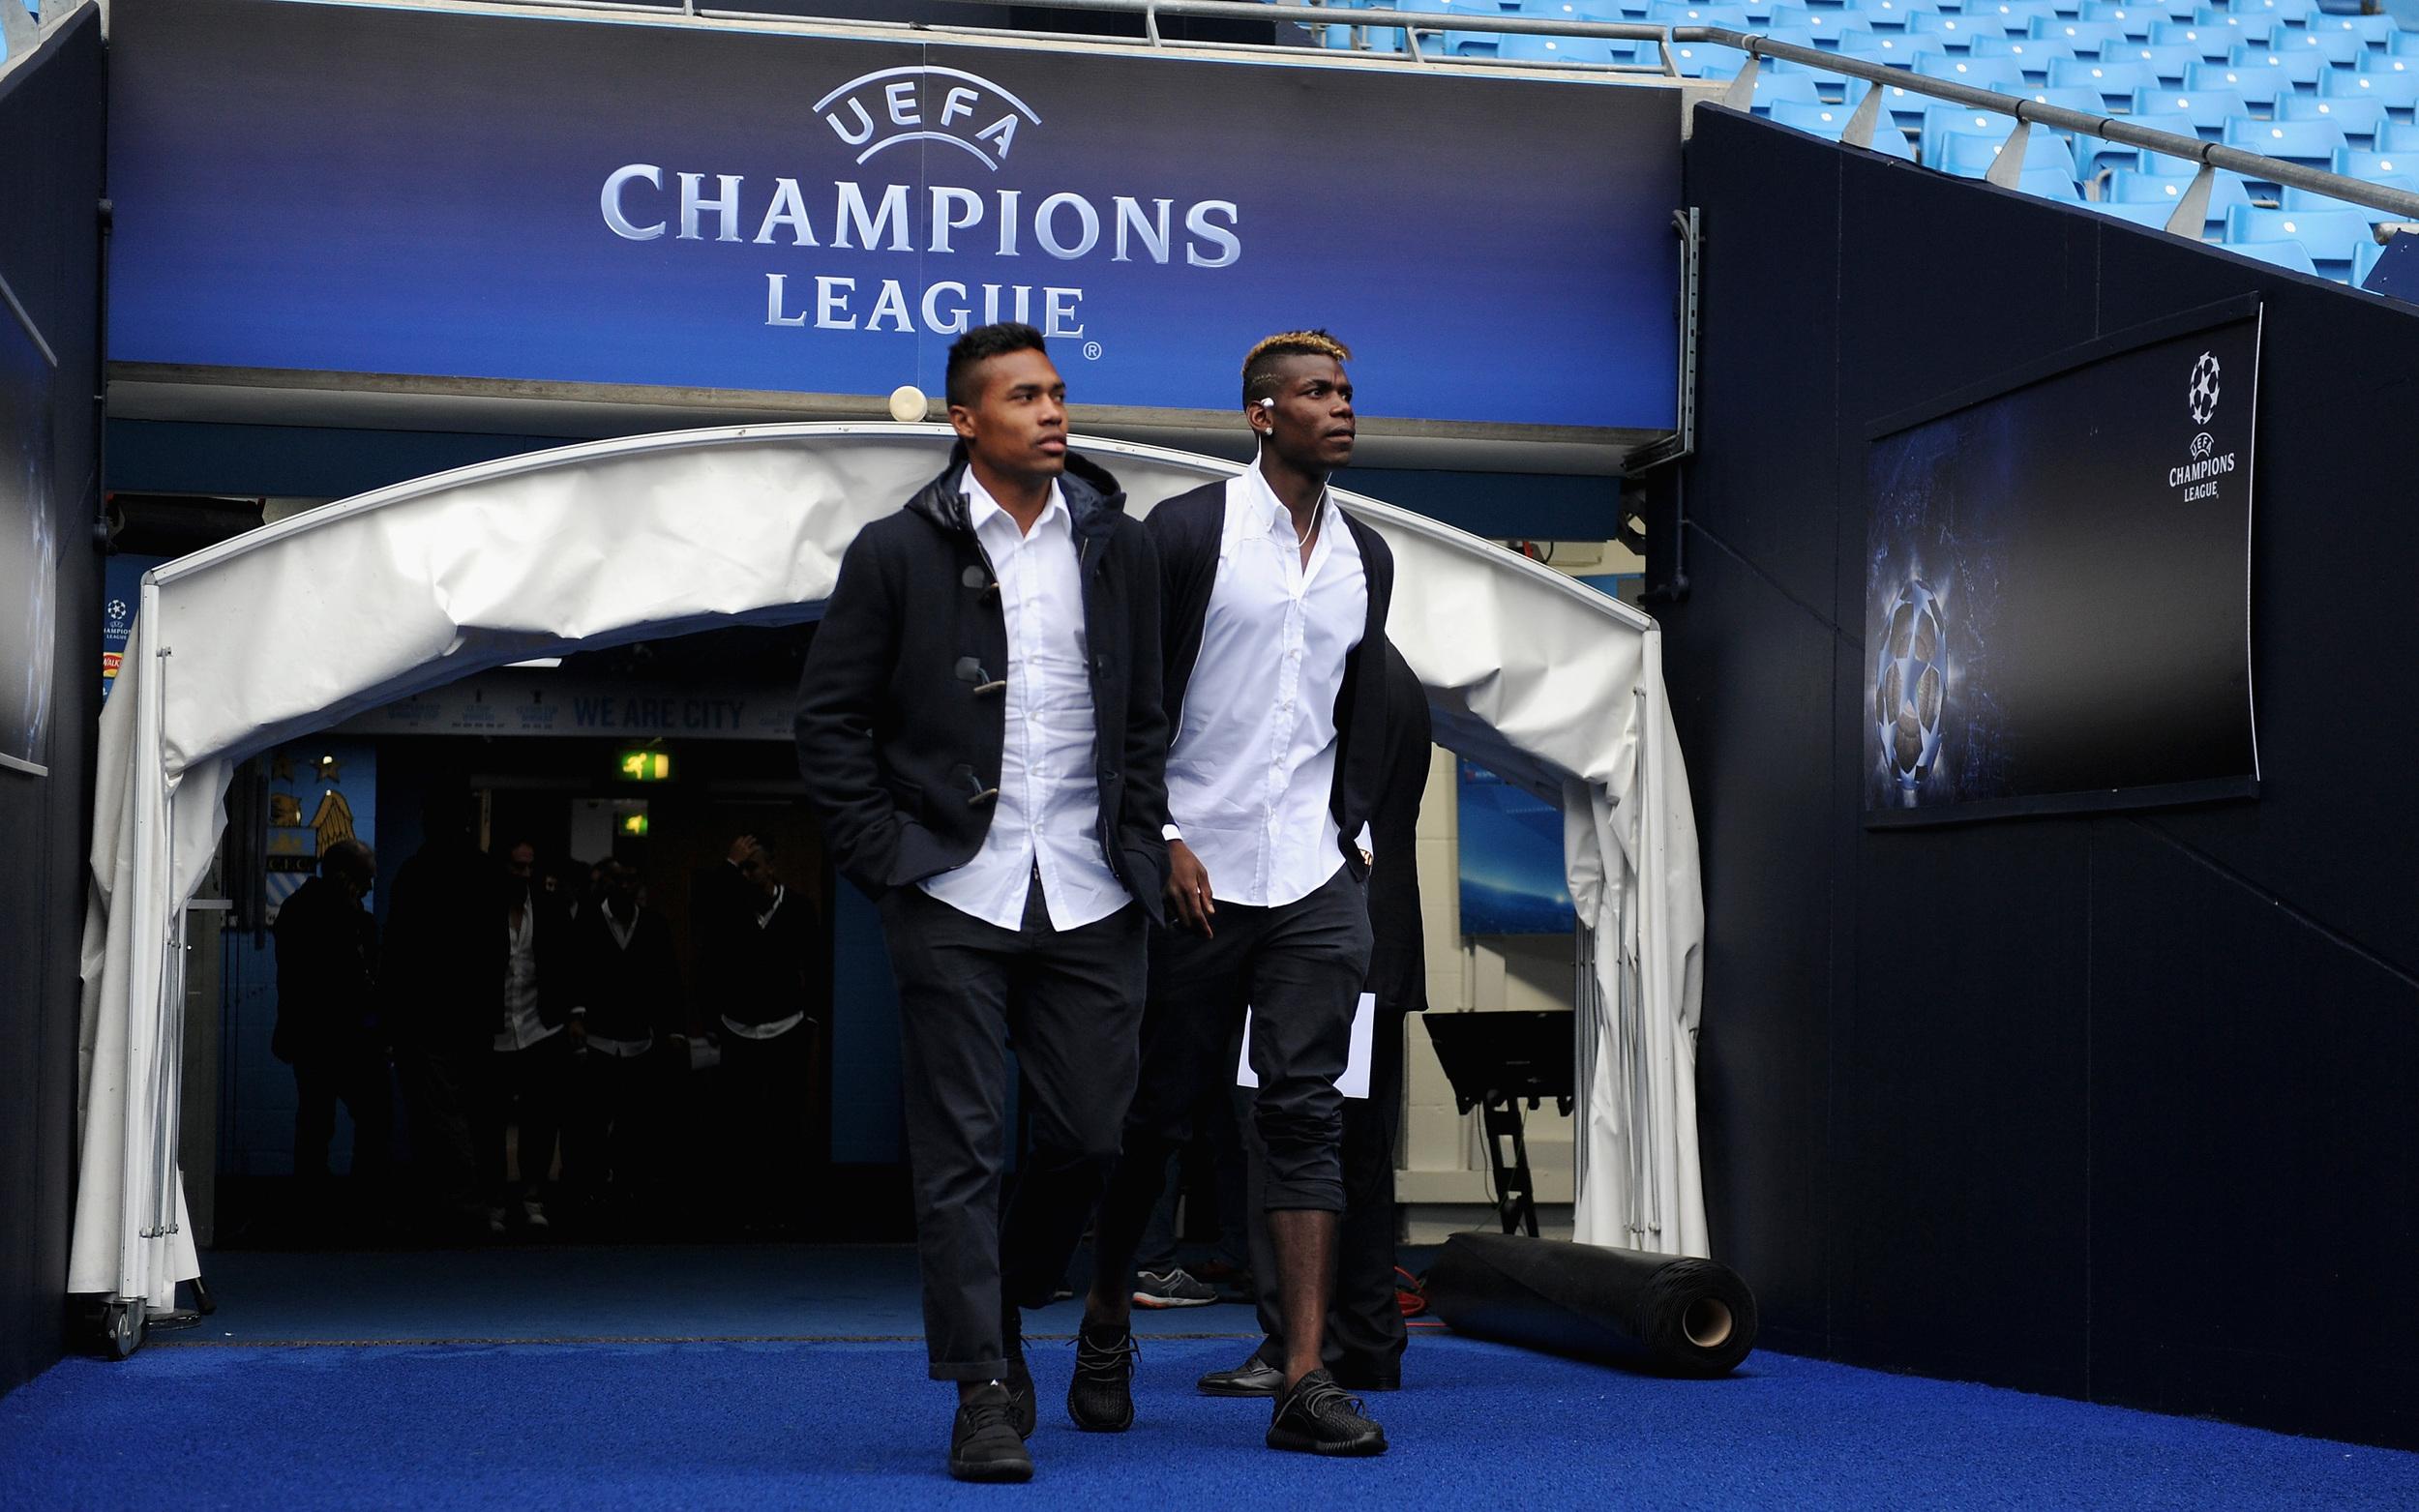 Med Juventus prøvede Pogba masser af kræfter med Champions League. Det er planen, at United og Pogba sammen skal derhen igen. Fotro: Getty Images/Gareth Copley.